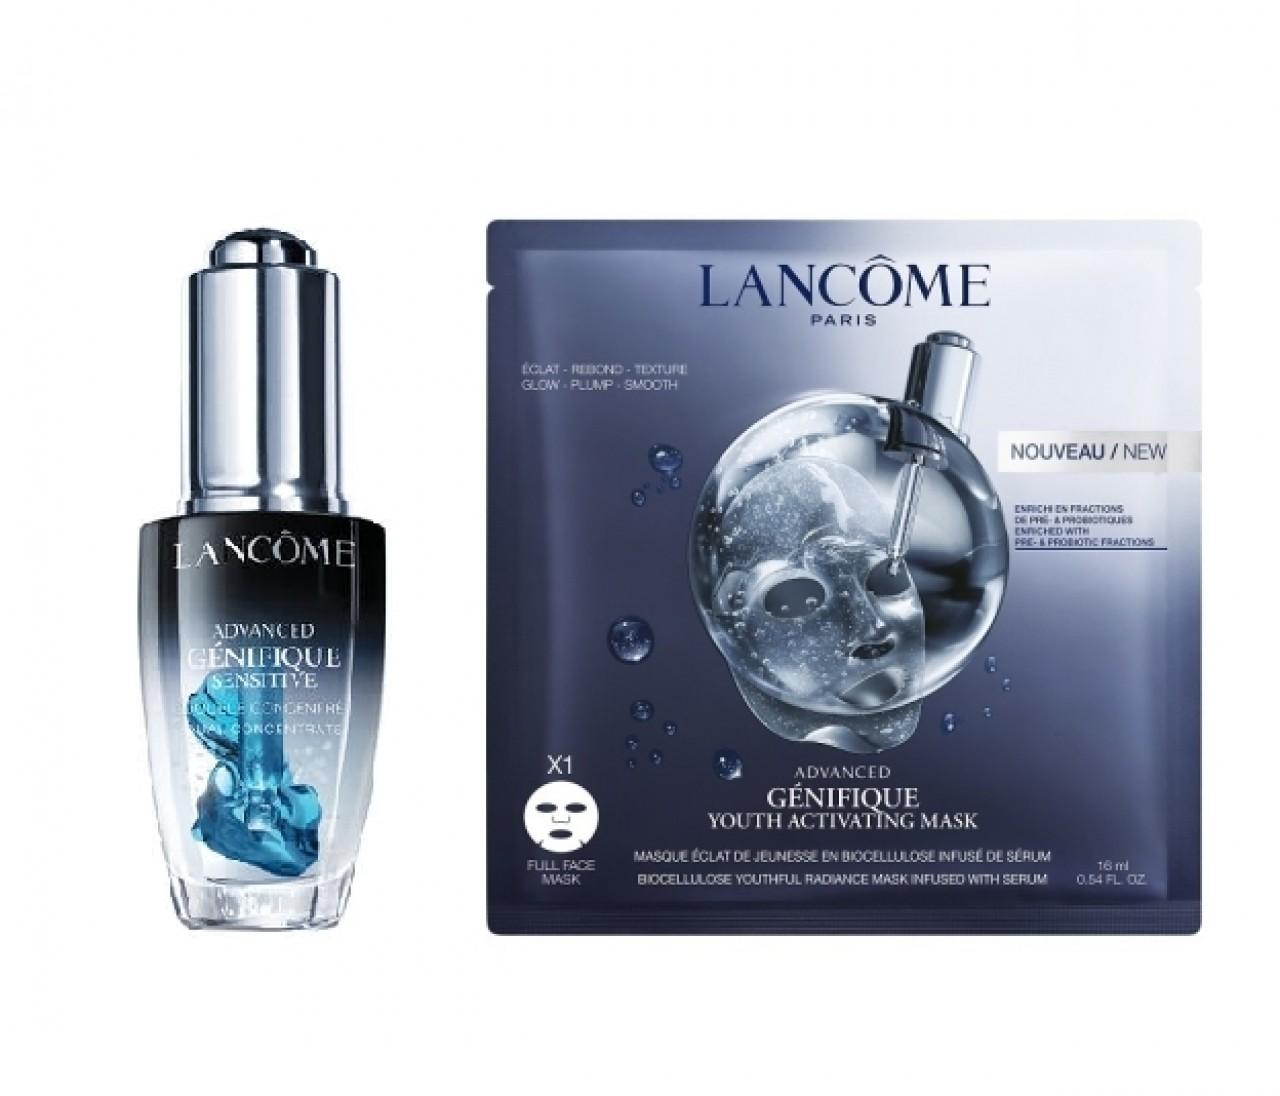 【BAILA公式Instagramフォロー&いいねキャンペーン】ランコムの美容液&マスクのセットを5名にプレゼント!